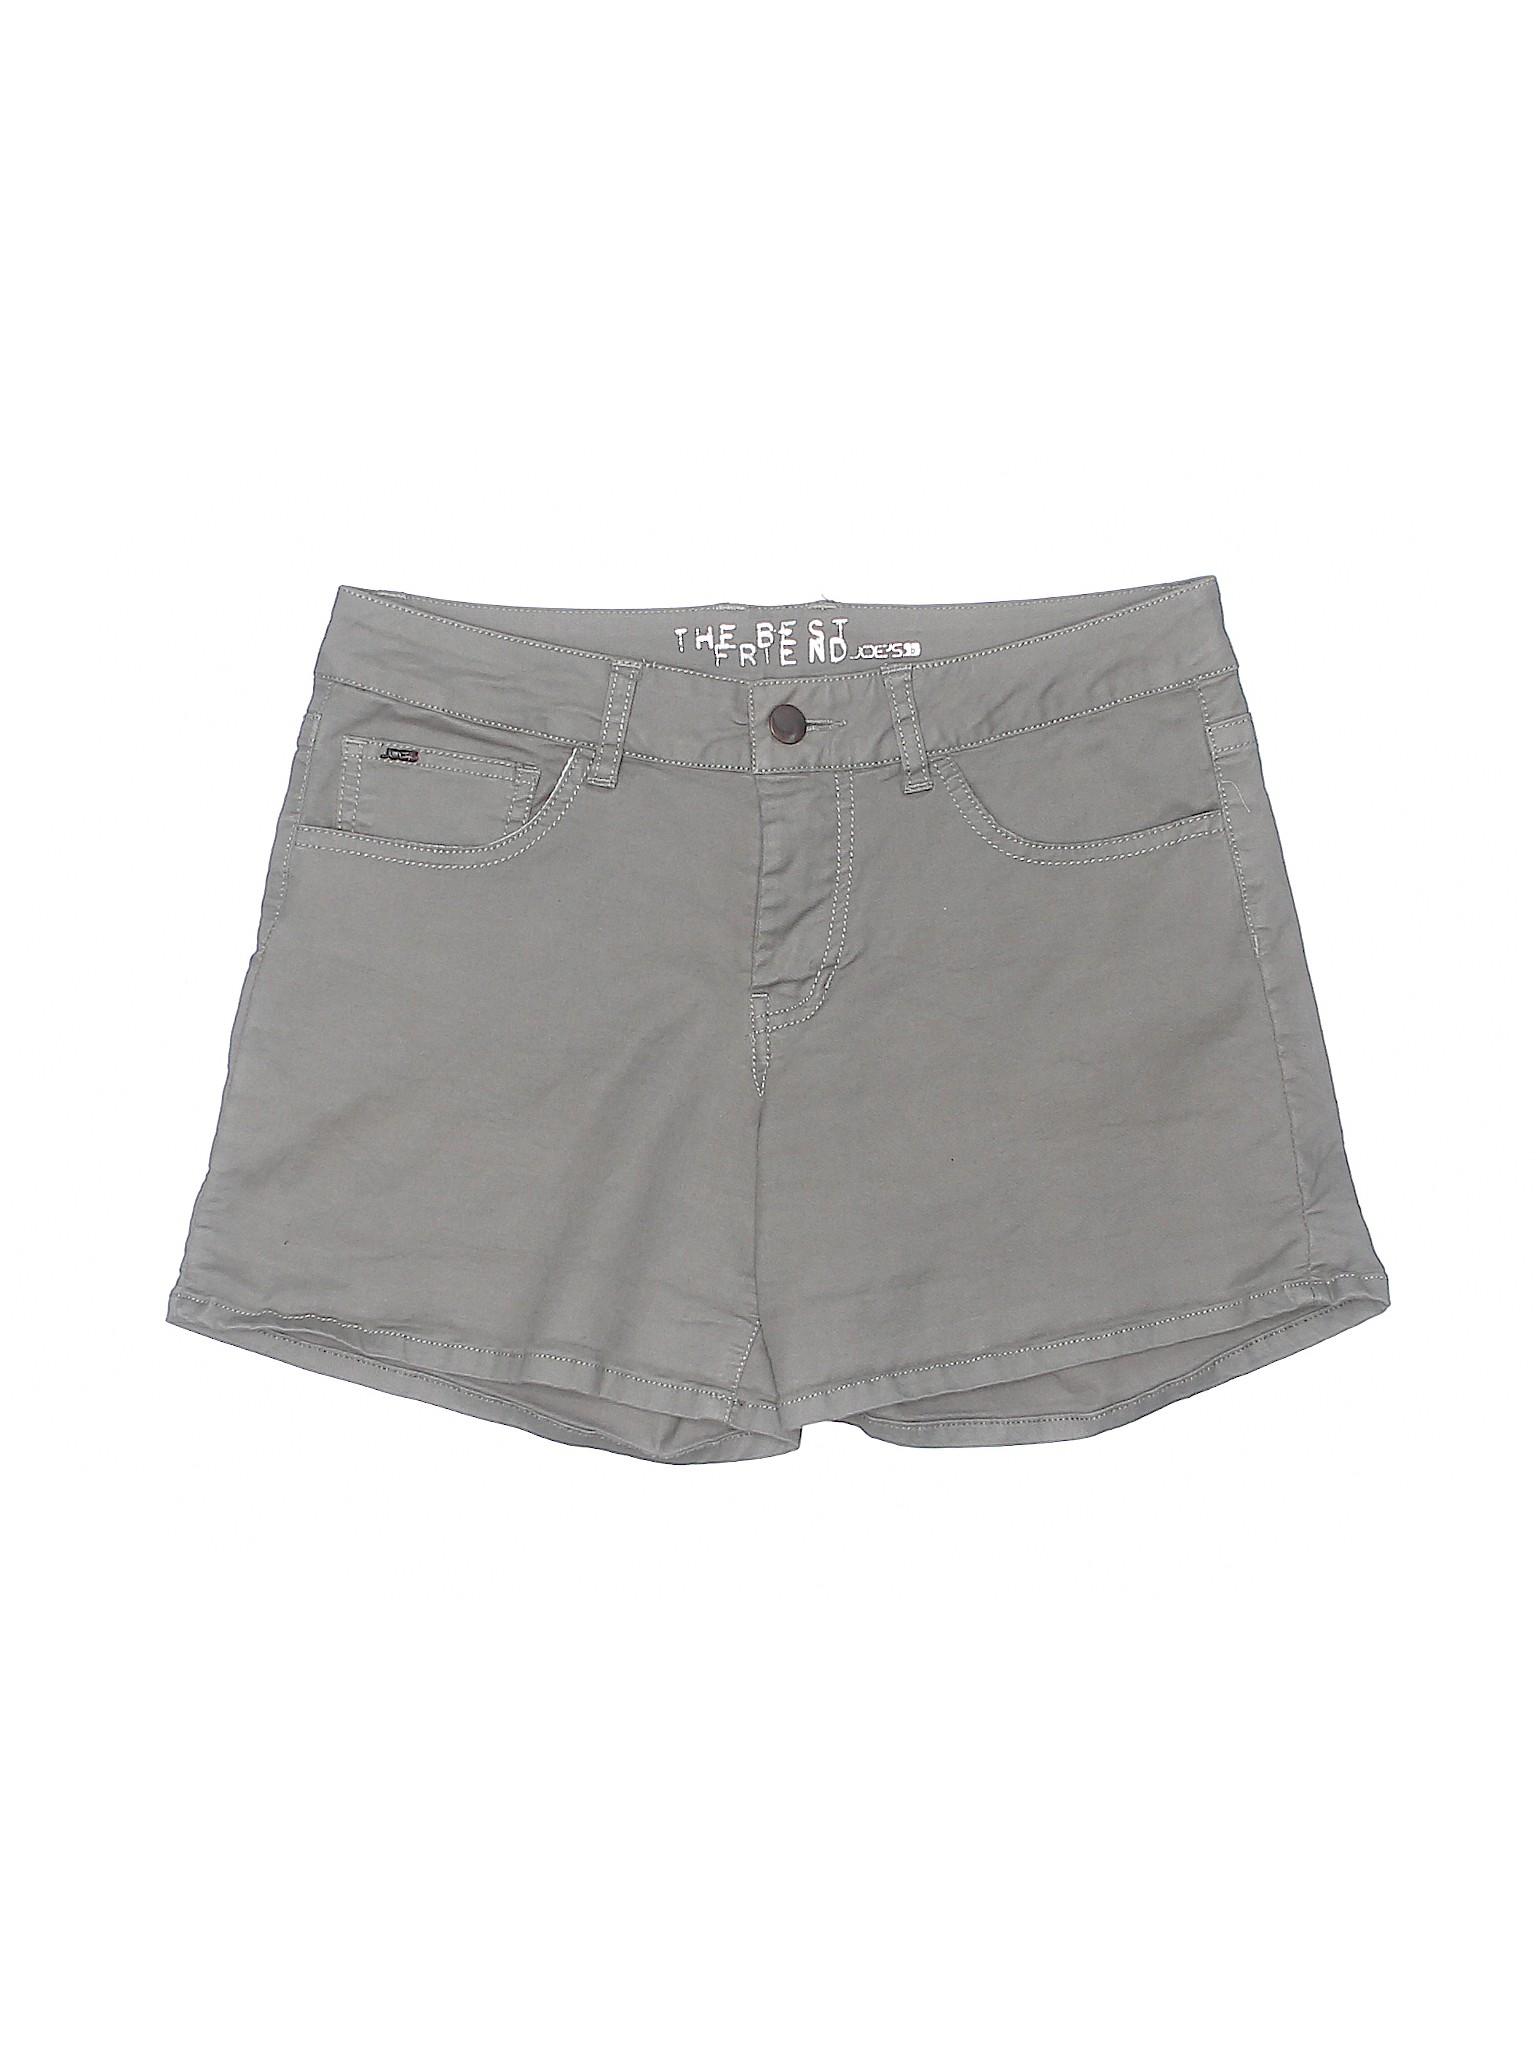 Boutique Joe's Joe's Khaki Jeans Boutique Shorts PP6Oqp